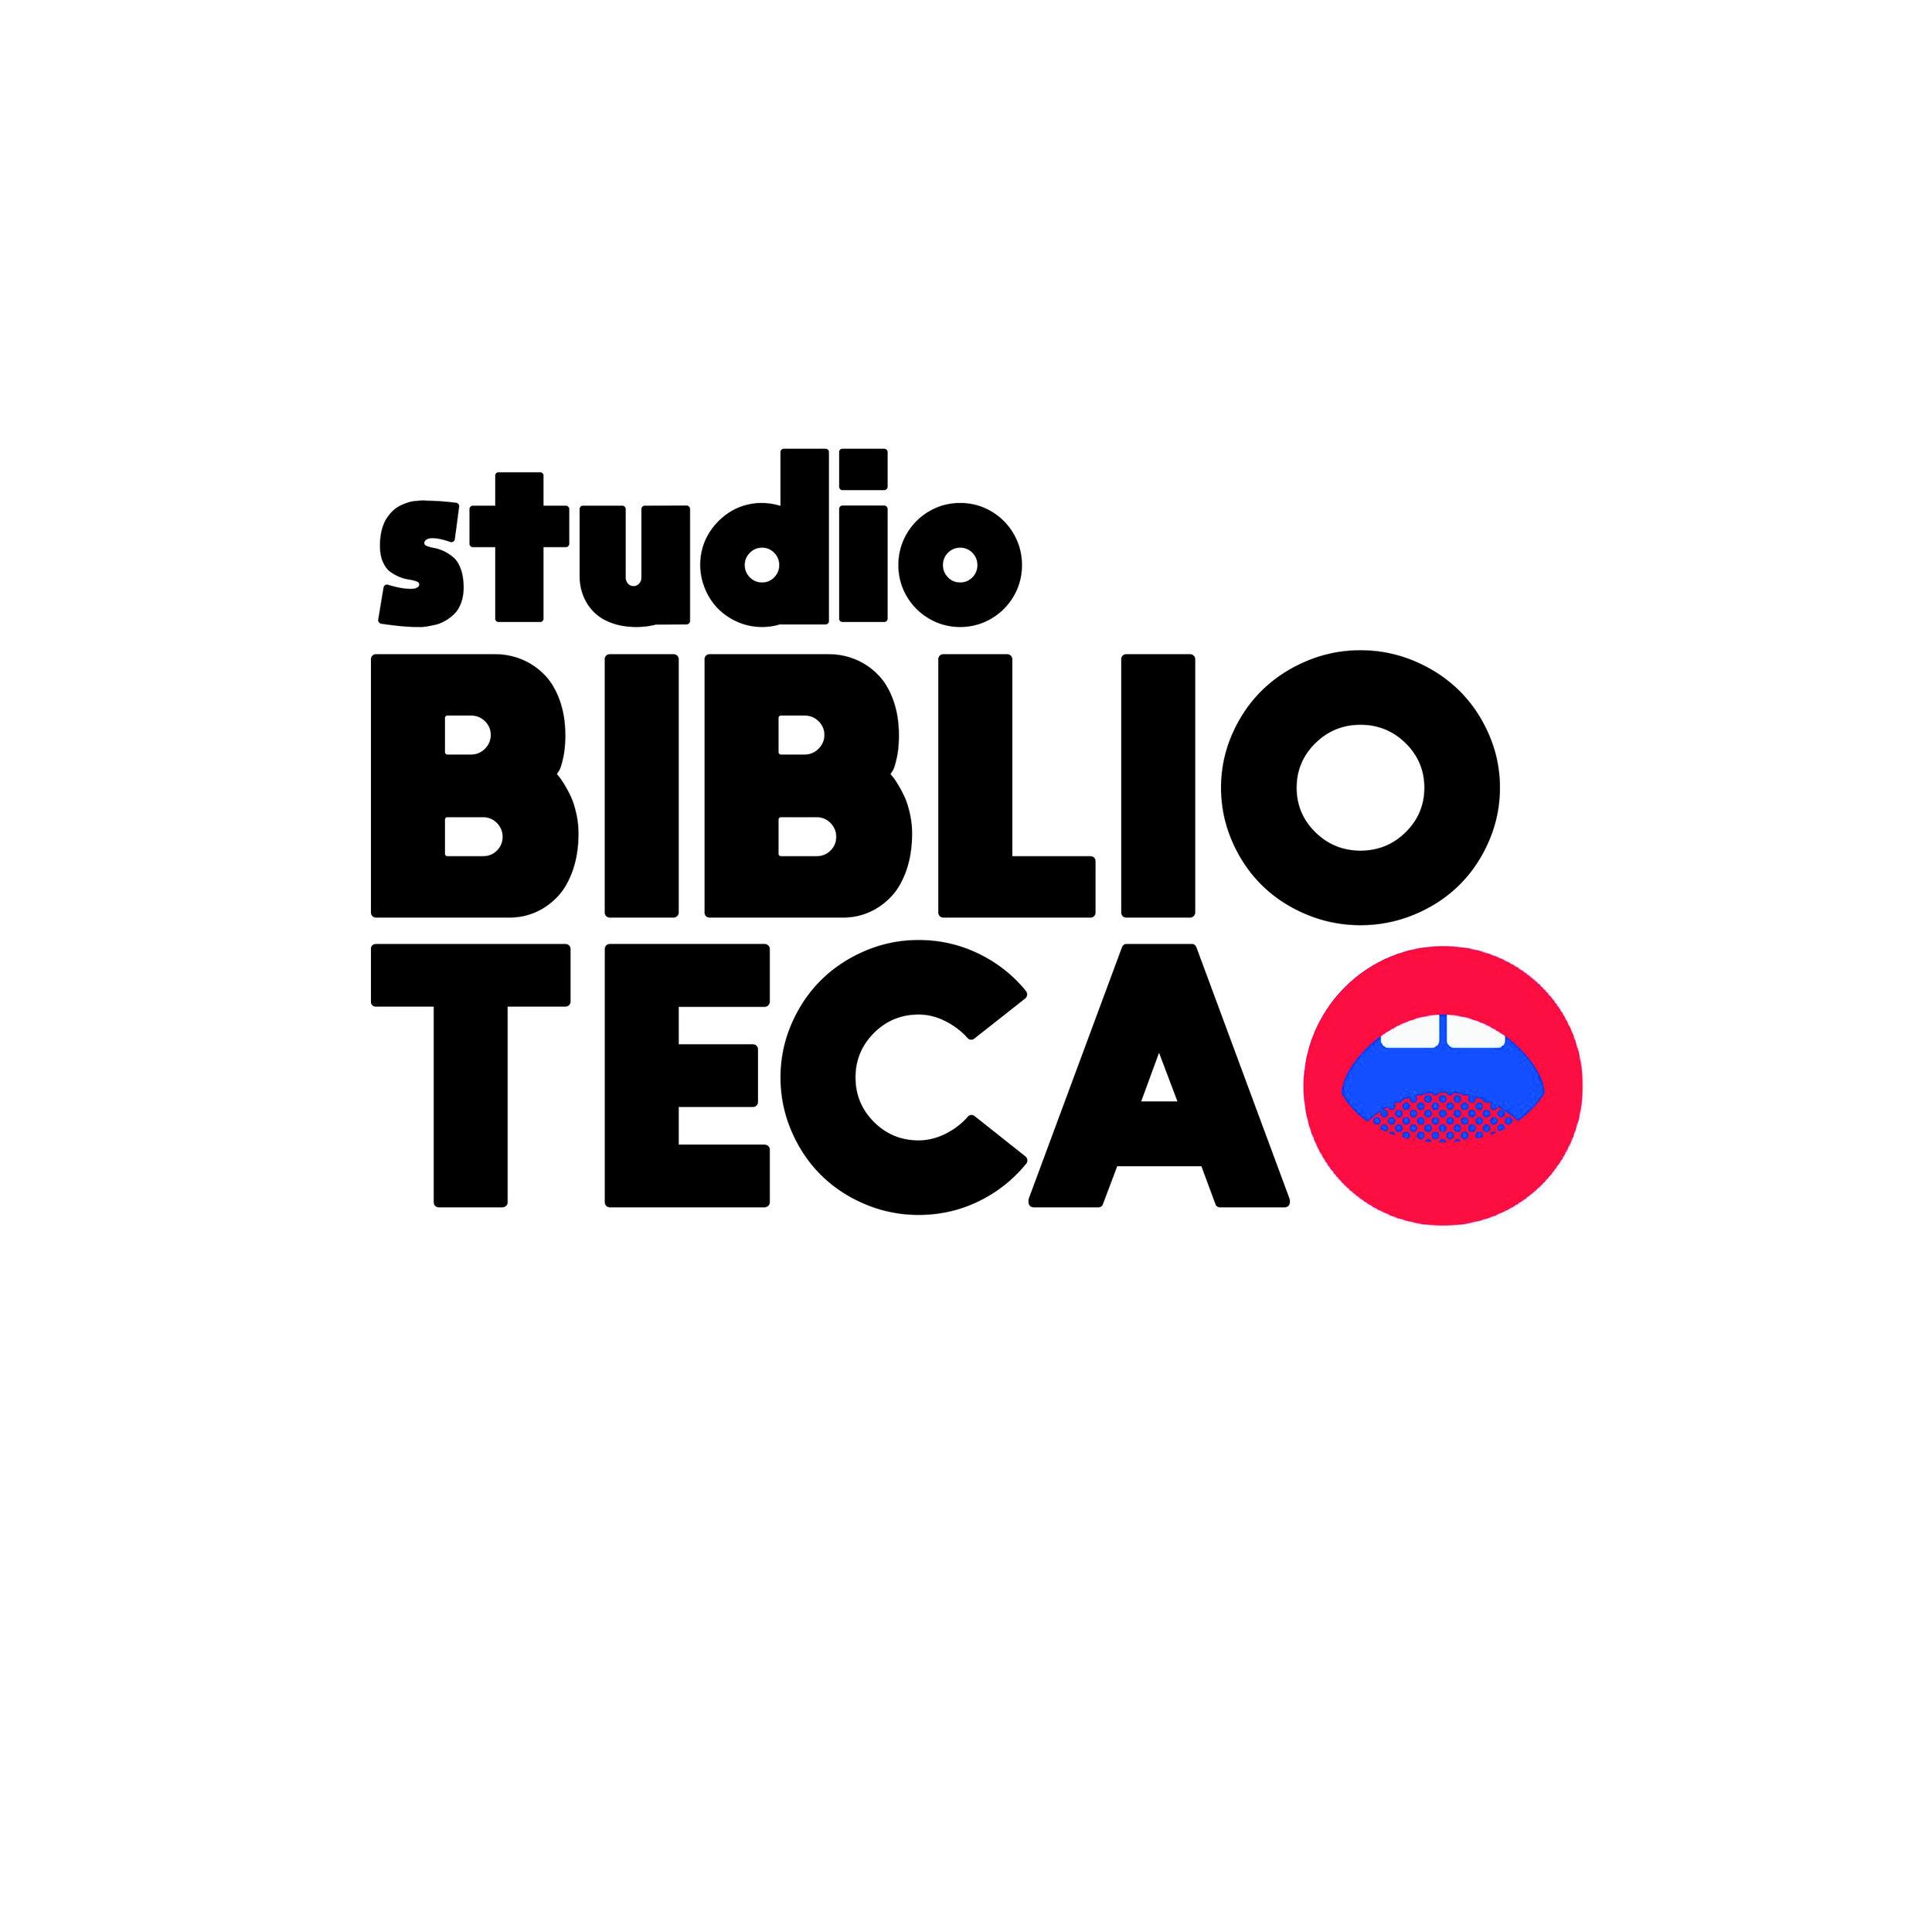 Studio Biblioteca Podcast identity